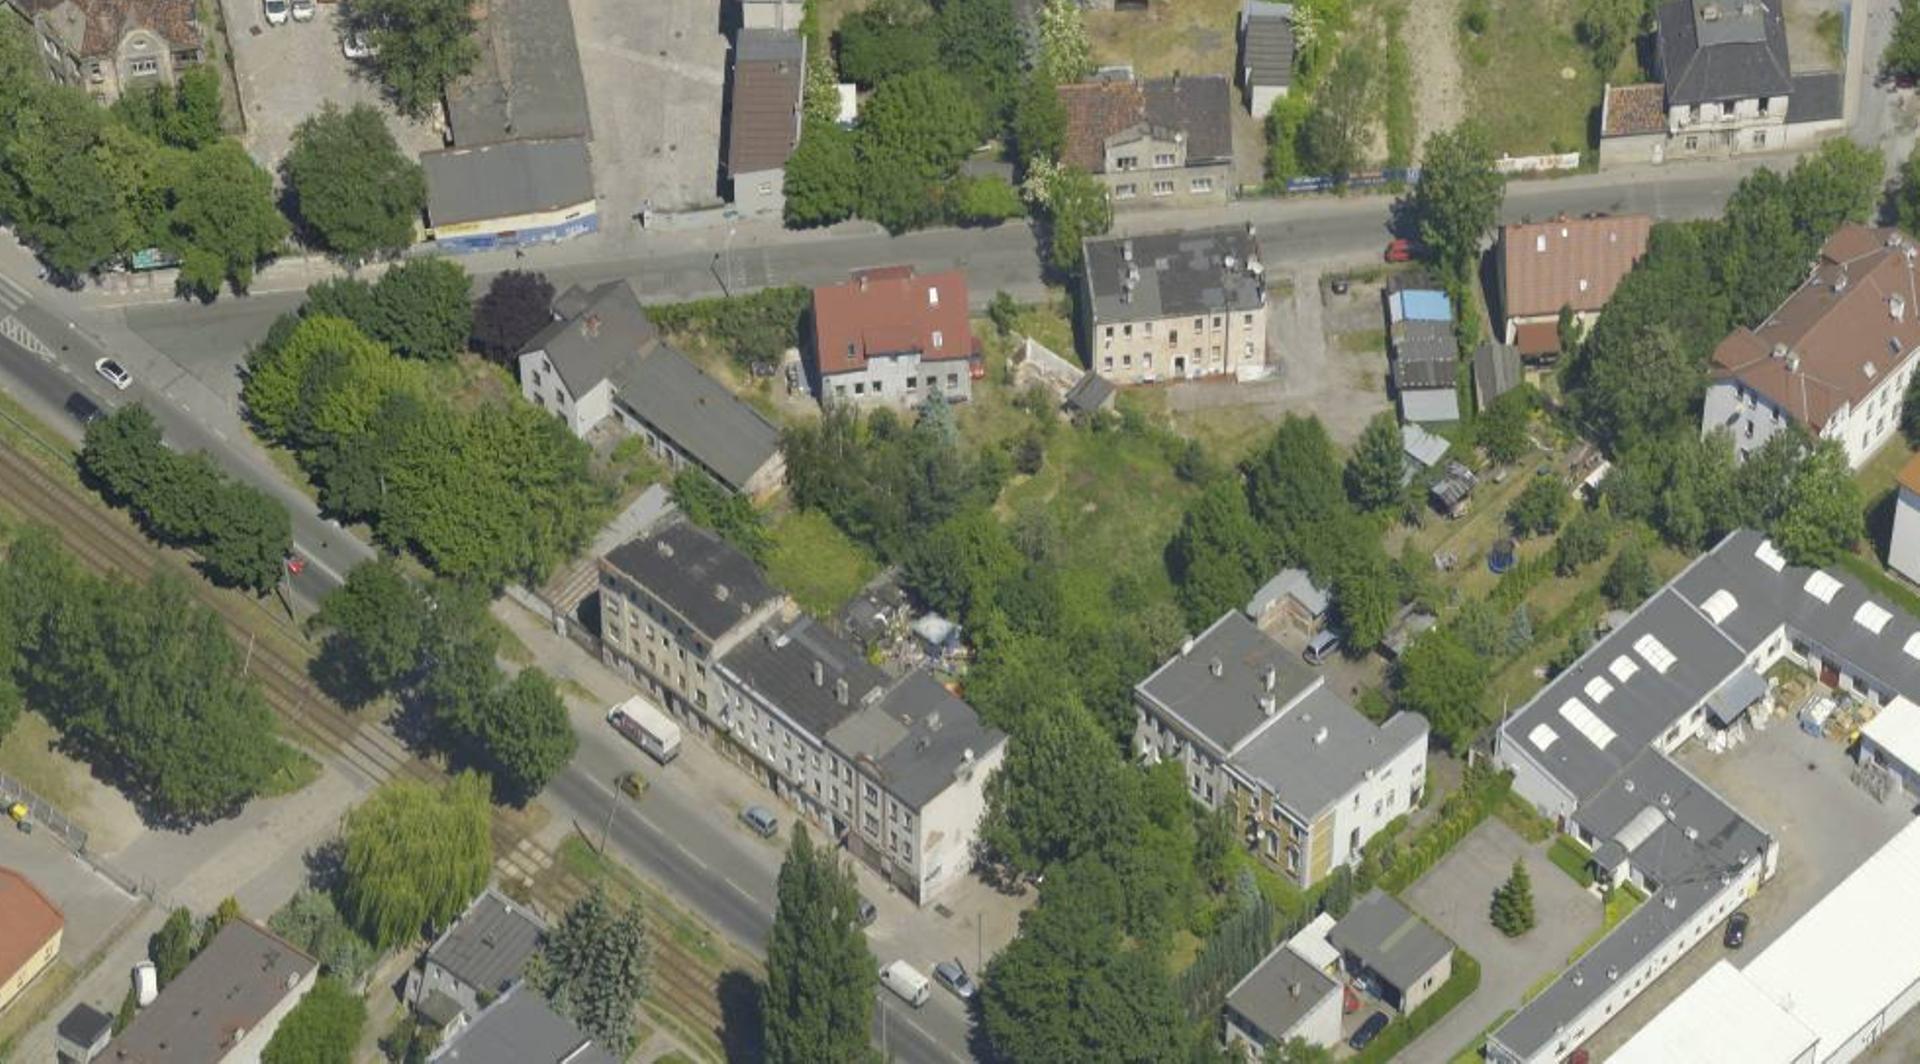 Imeka rozpoczyna działalność deweloperską we Wrocławiu